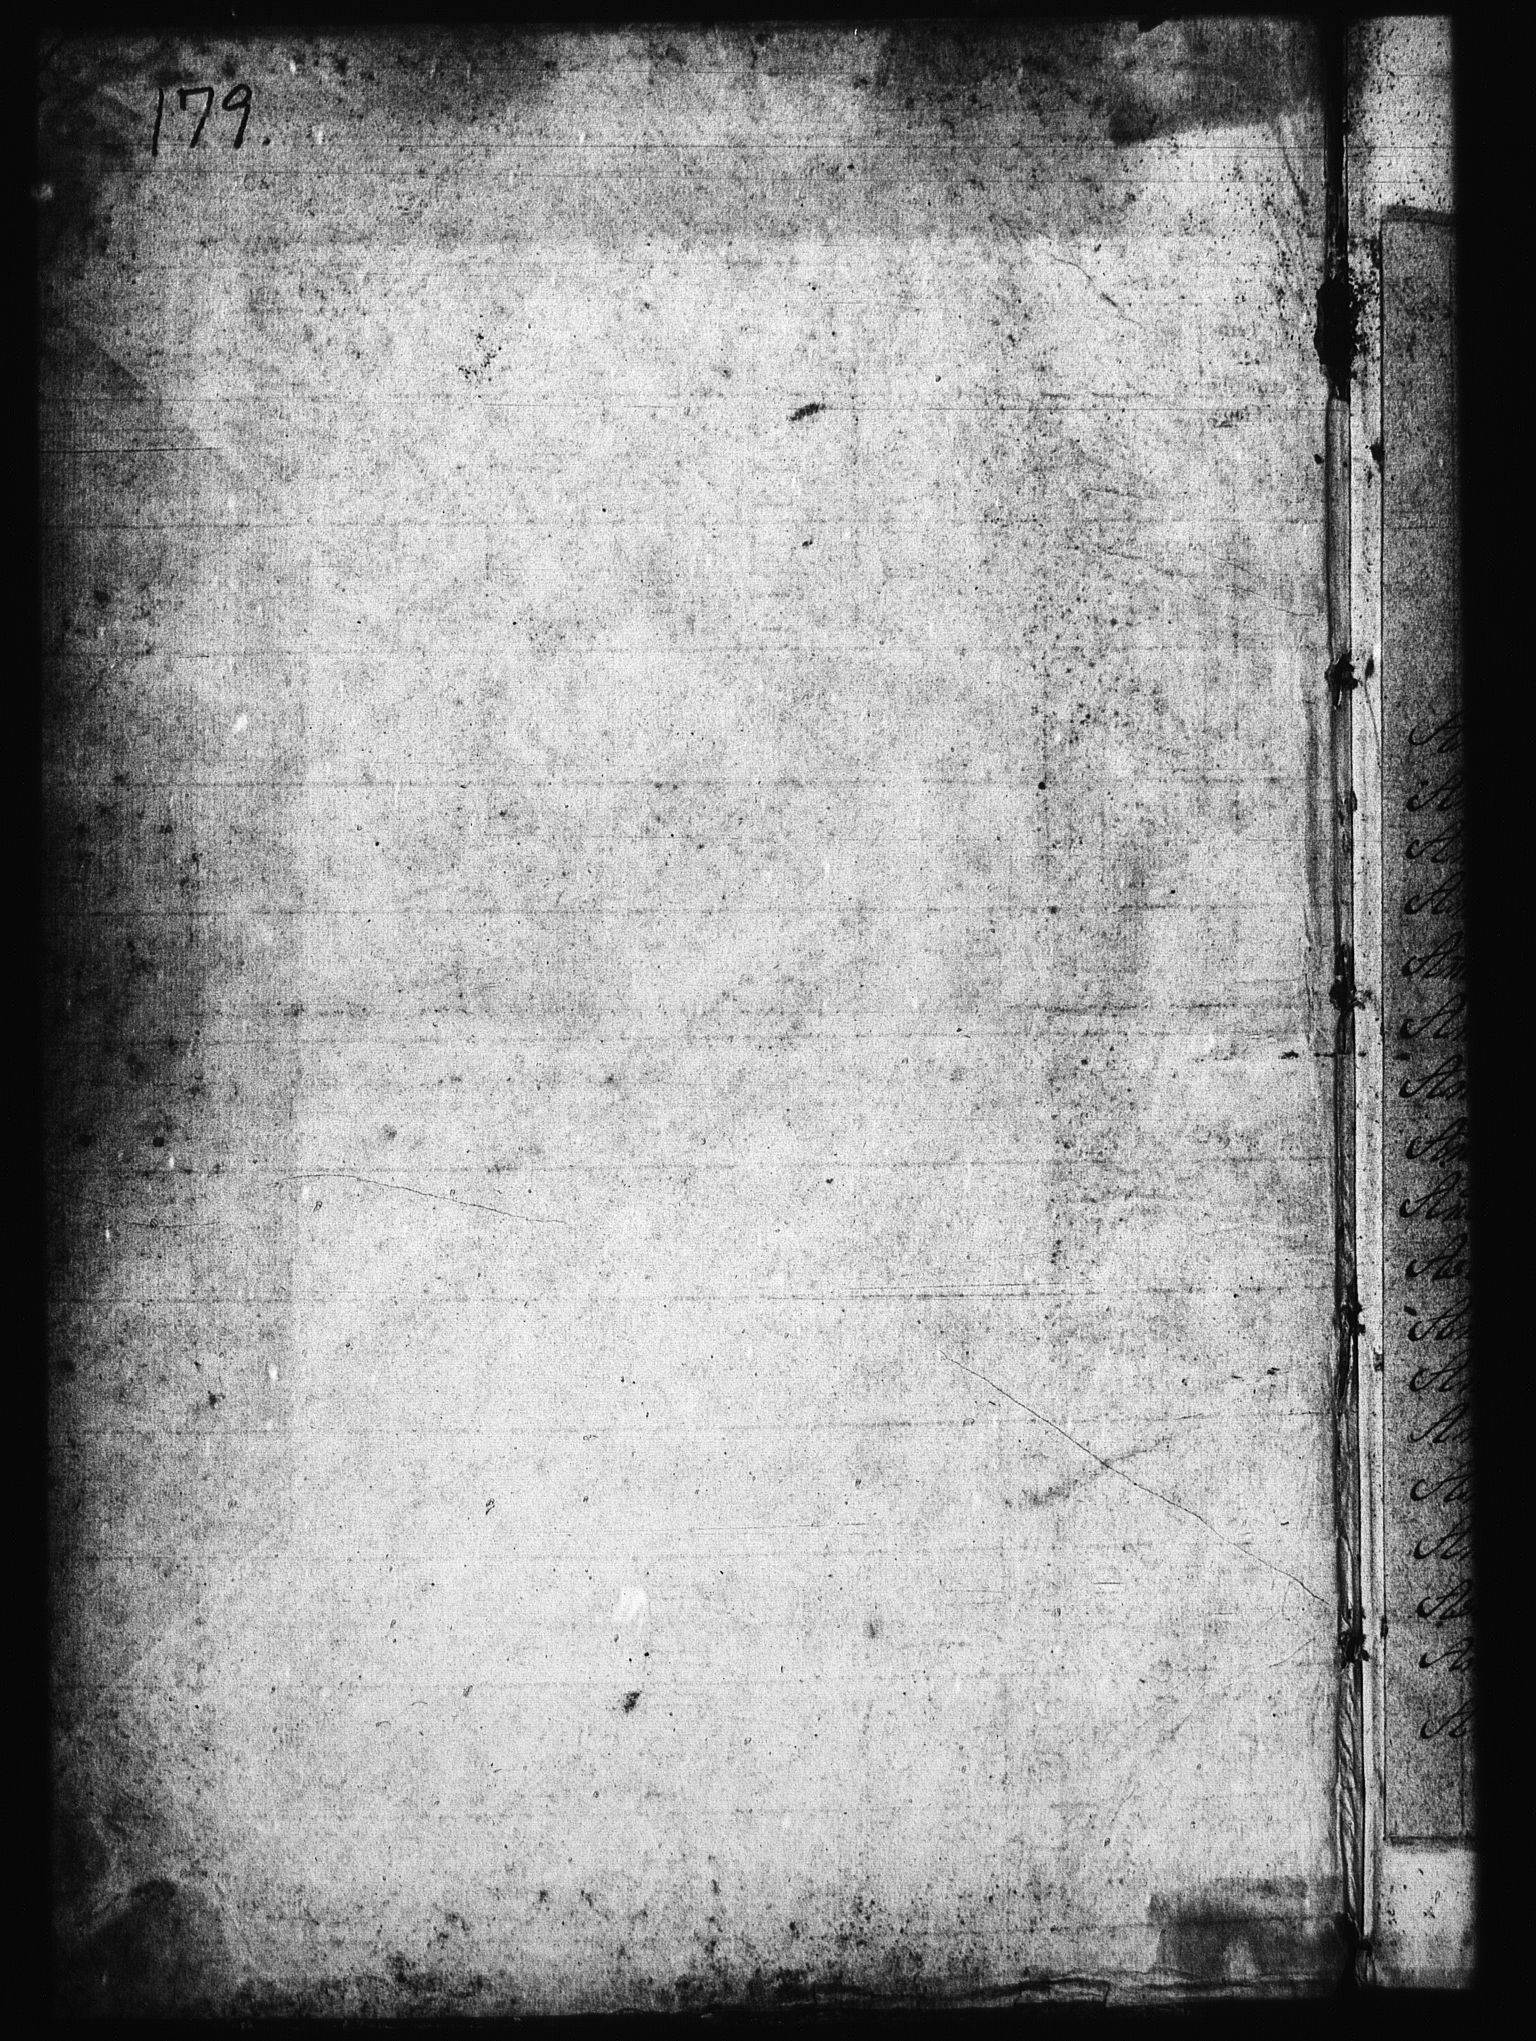 RA, Sjøetaten, F/L0180: Fredrikshalds distrikt, bind 1, 1796